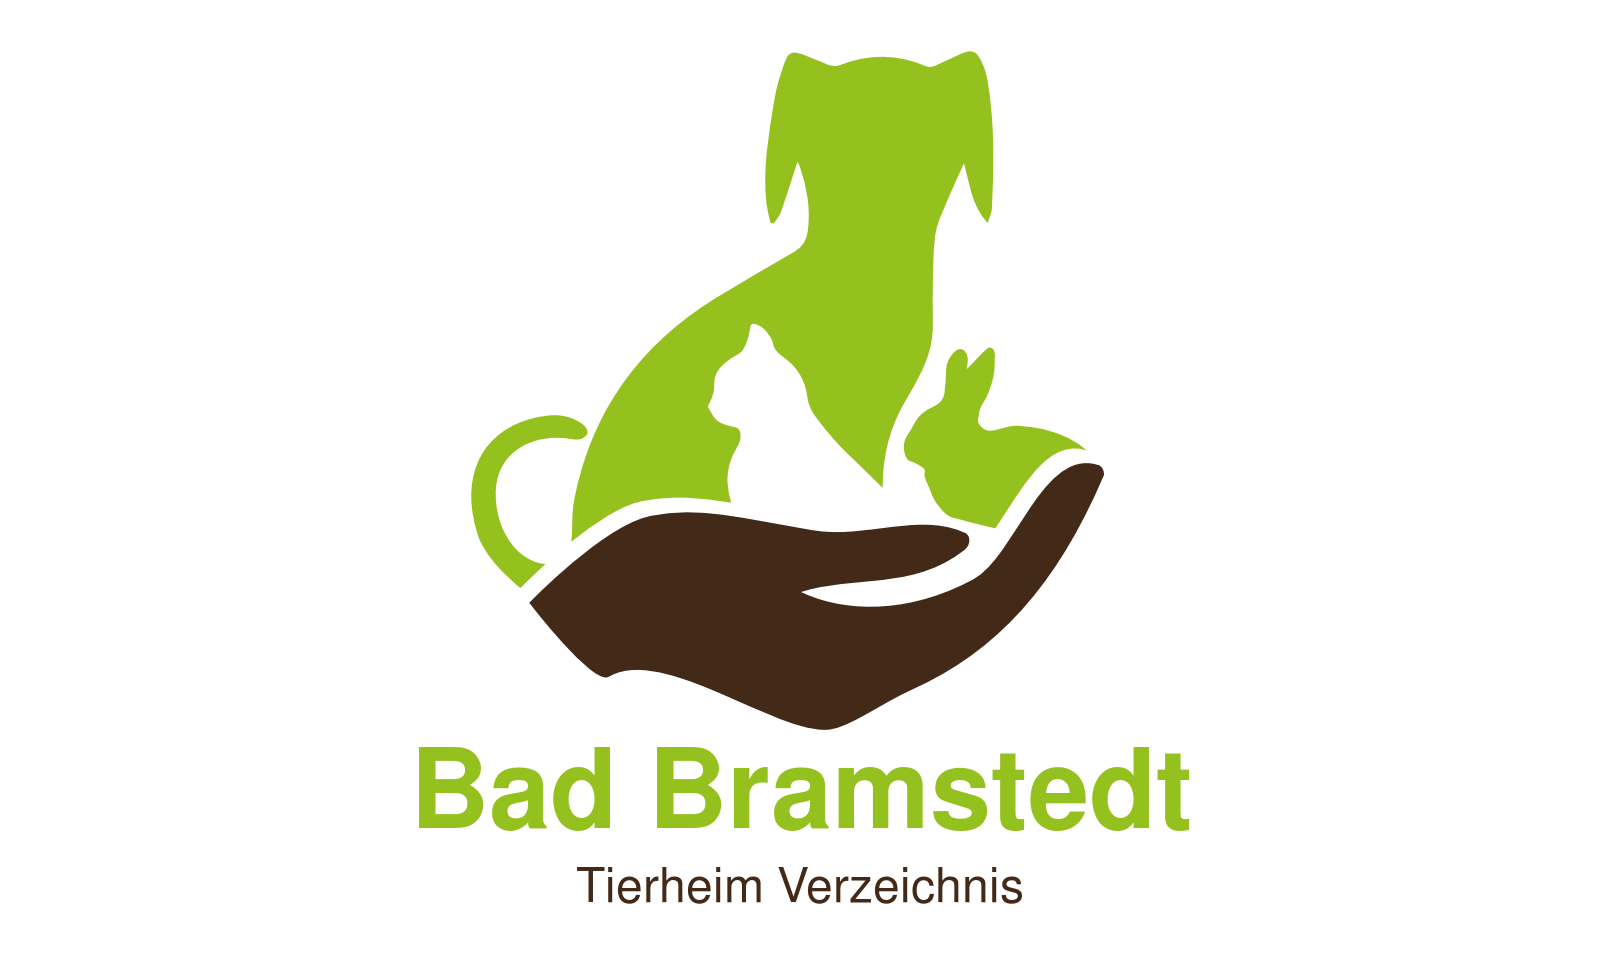 Tierheim Bad Bramstedt